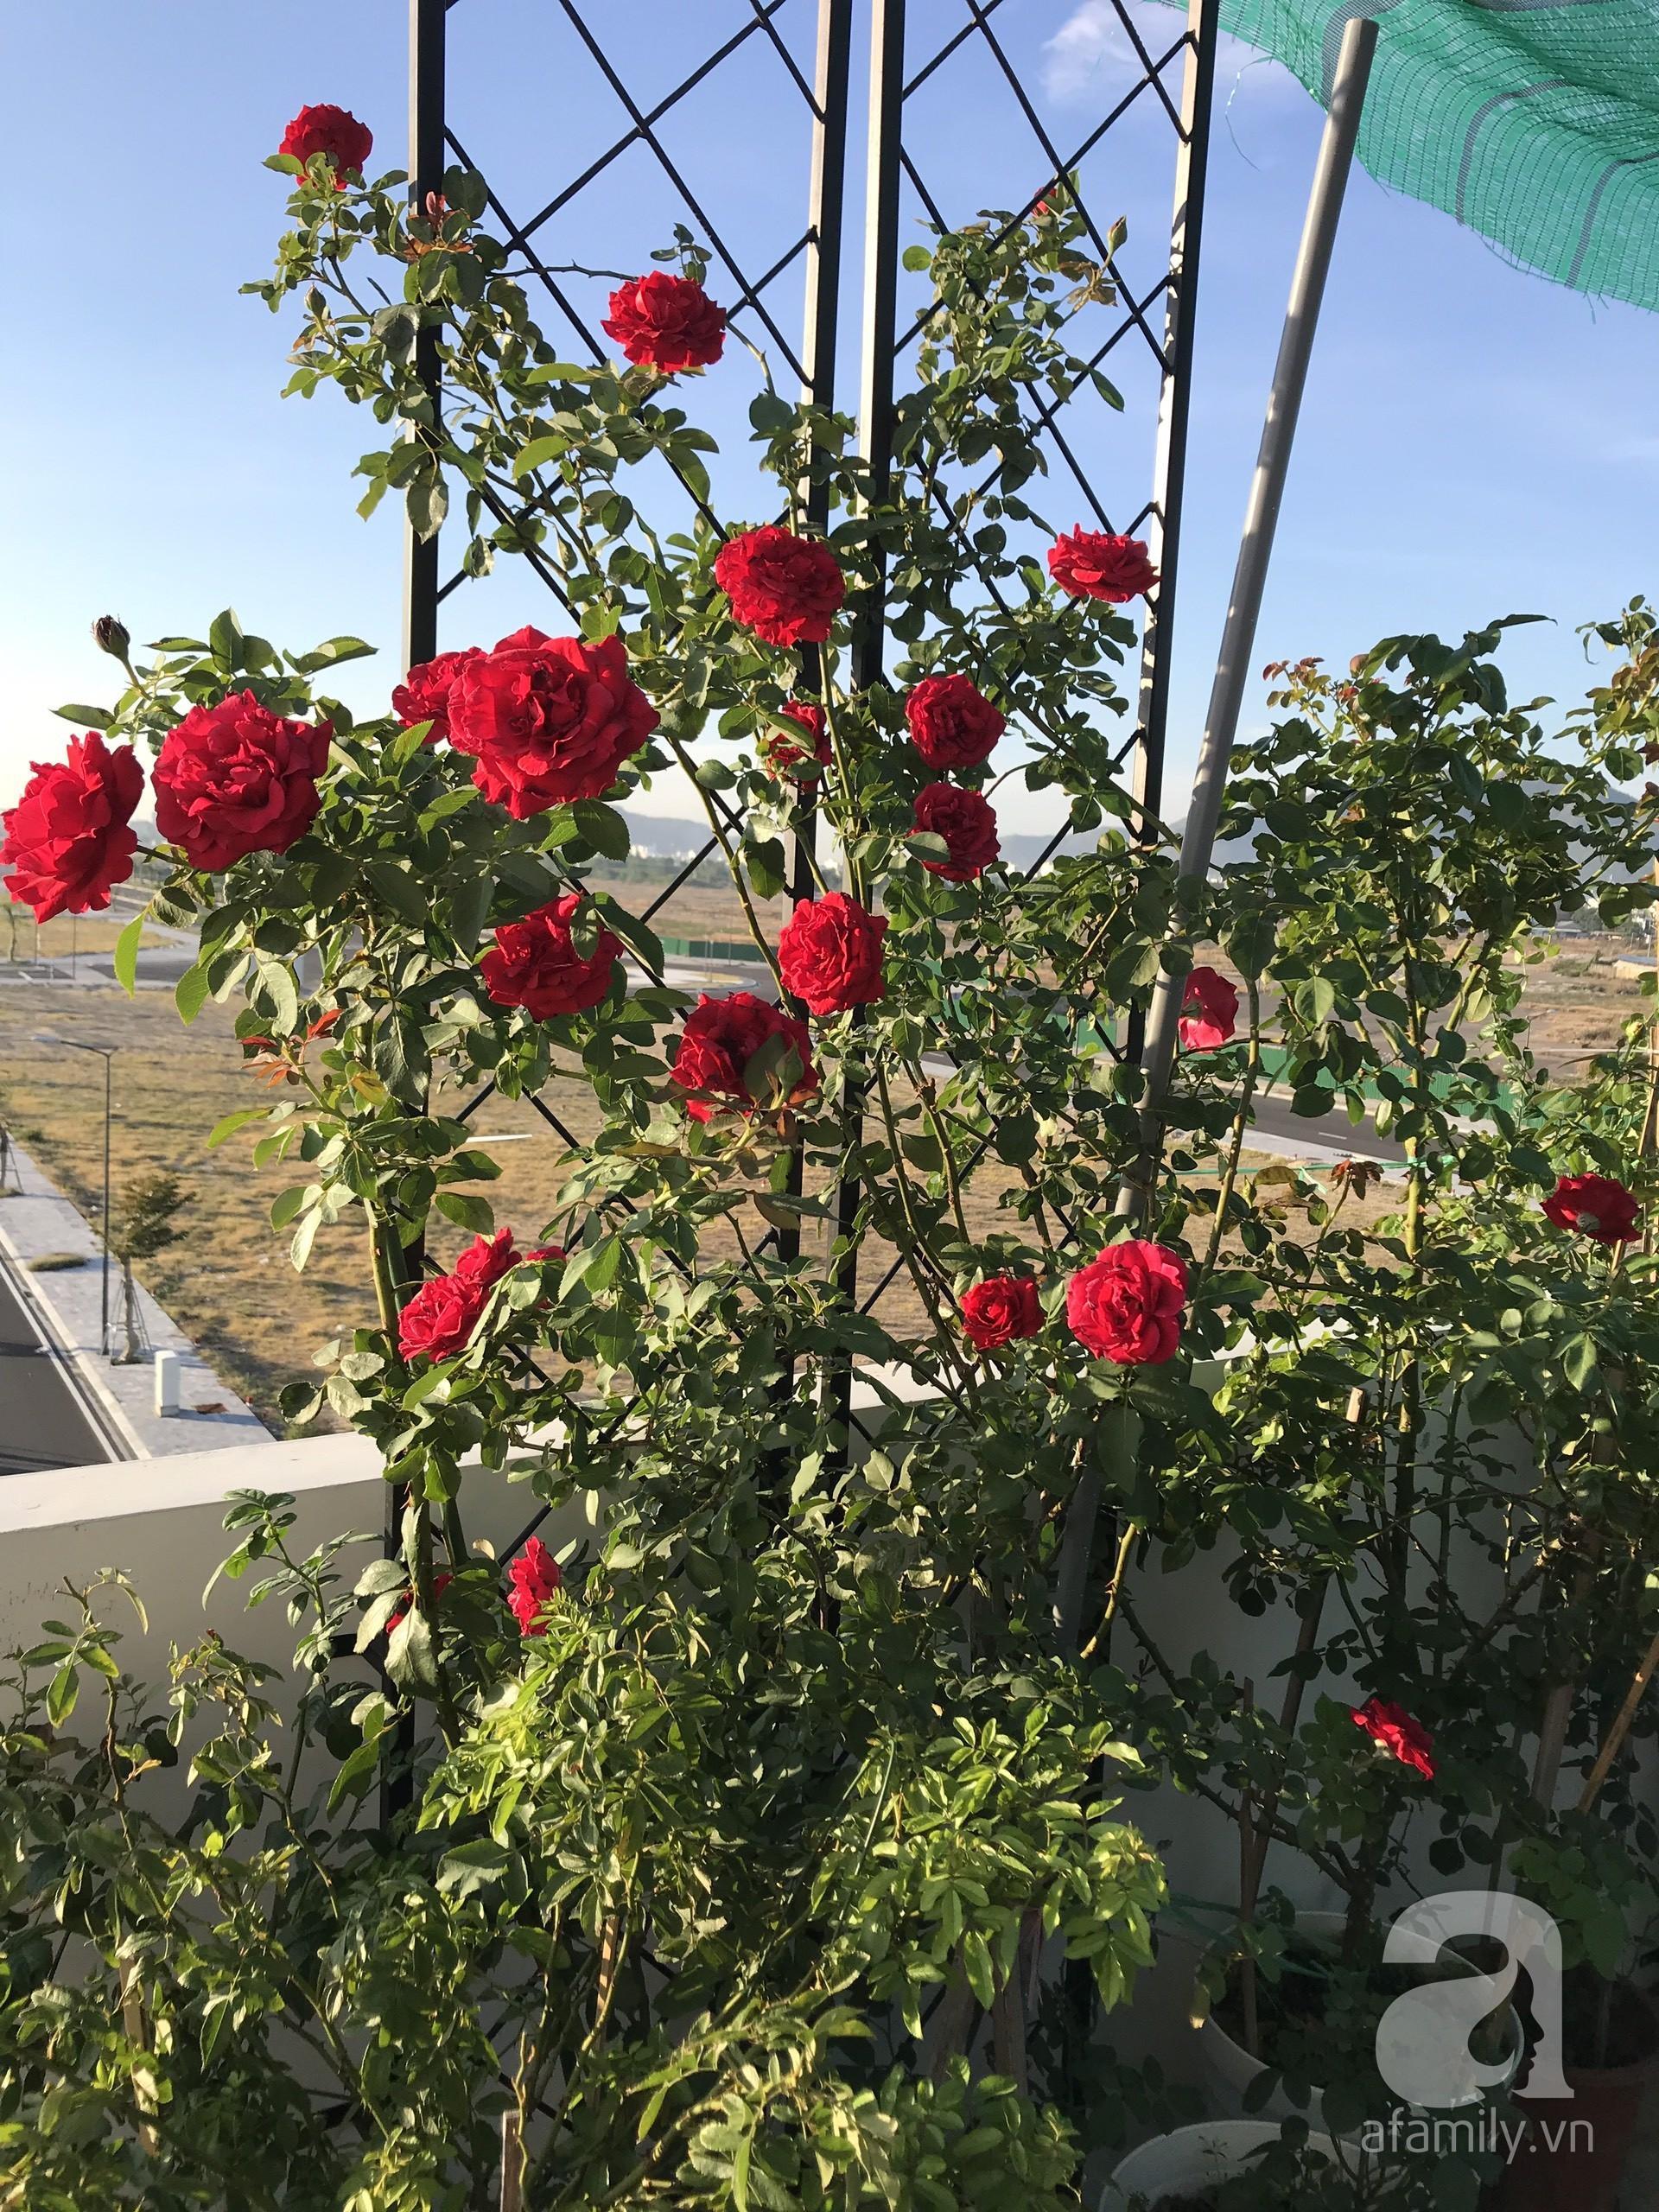 Sân thượng hoa hồng đẹp mộng mơ như trong cổ tích của cô giáo dạy Văn ở thành phố biển Nha Trang - Hình 40